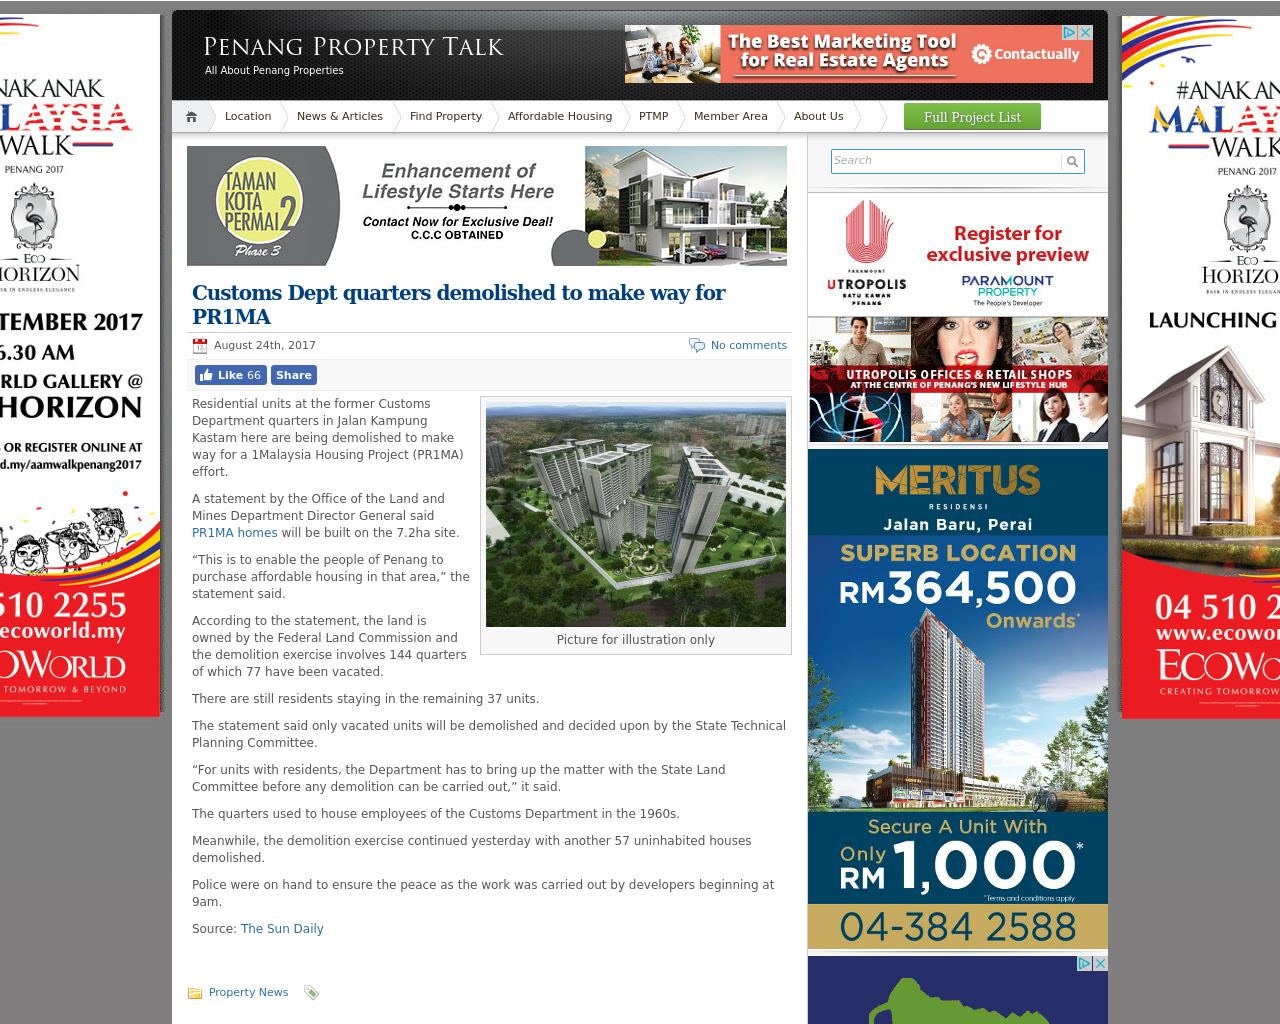 Penang-Property-Talk-Advertising-Reviews-Pricing